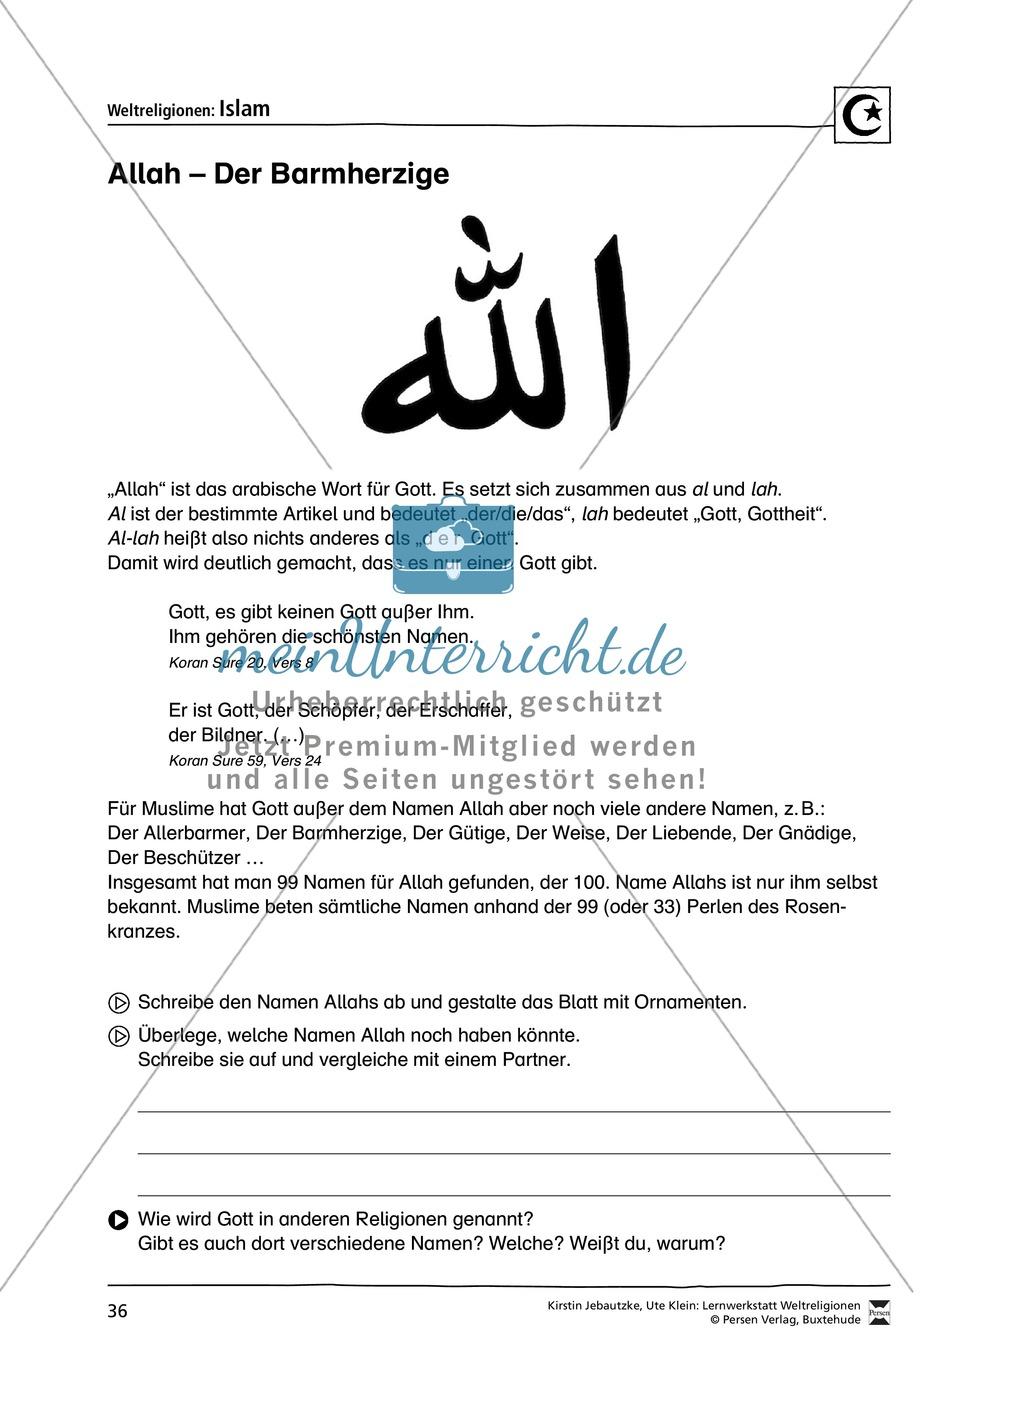 Unterrichtsmaterial zum Islam - mit Infomaterial zu Gottheit, Koran, Moscheen, Feiertagen uvm. Preview 2